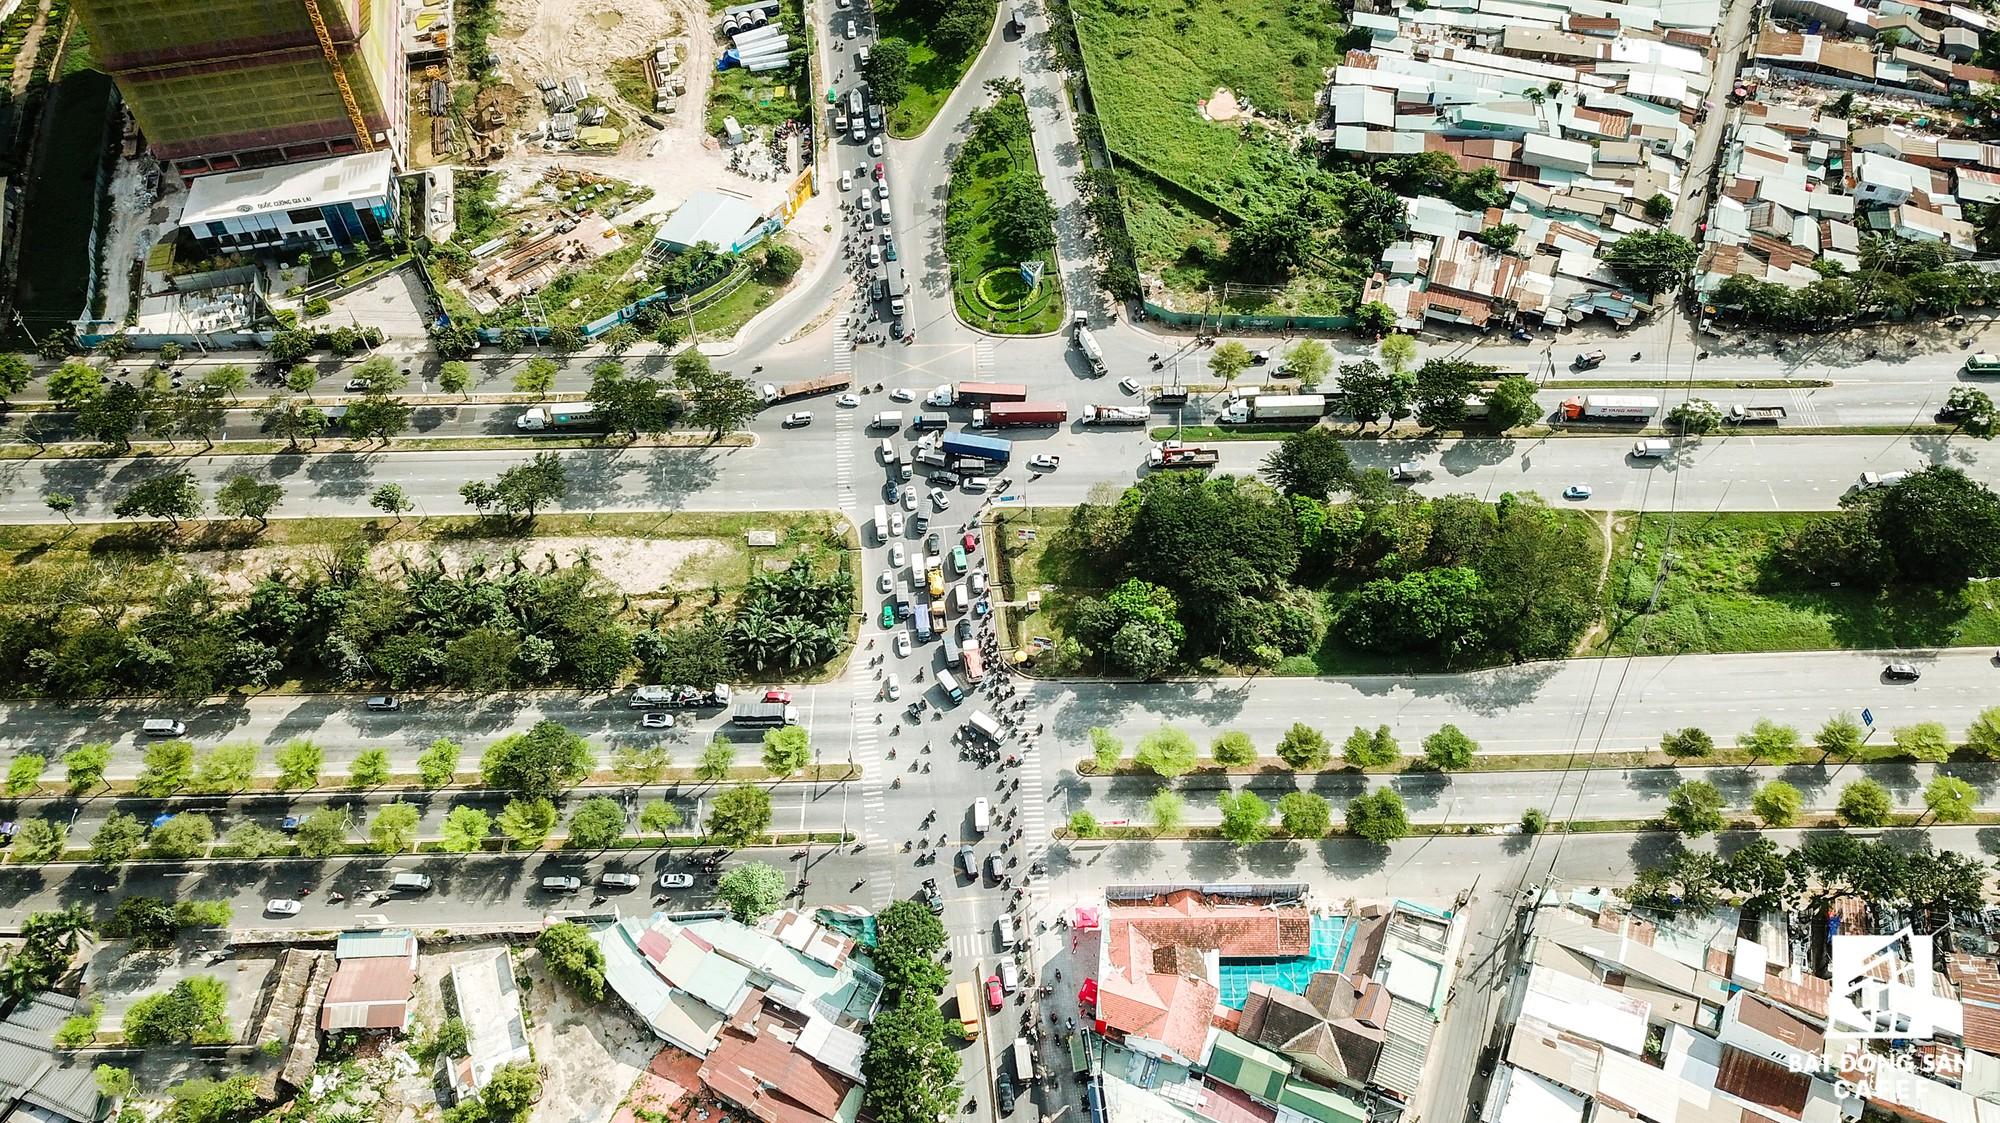 Toàn cảnh đại lộ tỷ đô đã tạo nên một thị trường bất động sản rất riêng cho khu Nam Sài Gòn - Ảnh 6. Toàn cảnh đại lộ tỷ đô đã tạo nên một thị trường bất động sản rất riêng cho khu Nam Sài Gòn Toàn cảnh đại lộ tỷ đô đã tạo nên một thị trường bất động sản rất riêng cho khu Nam Sài Gòn hinh 4 15672195614061611743626